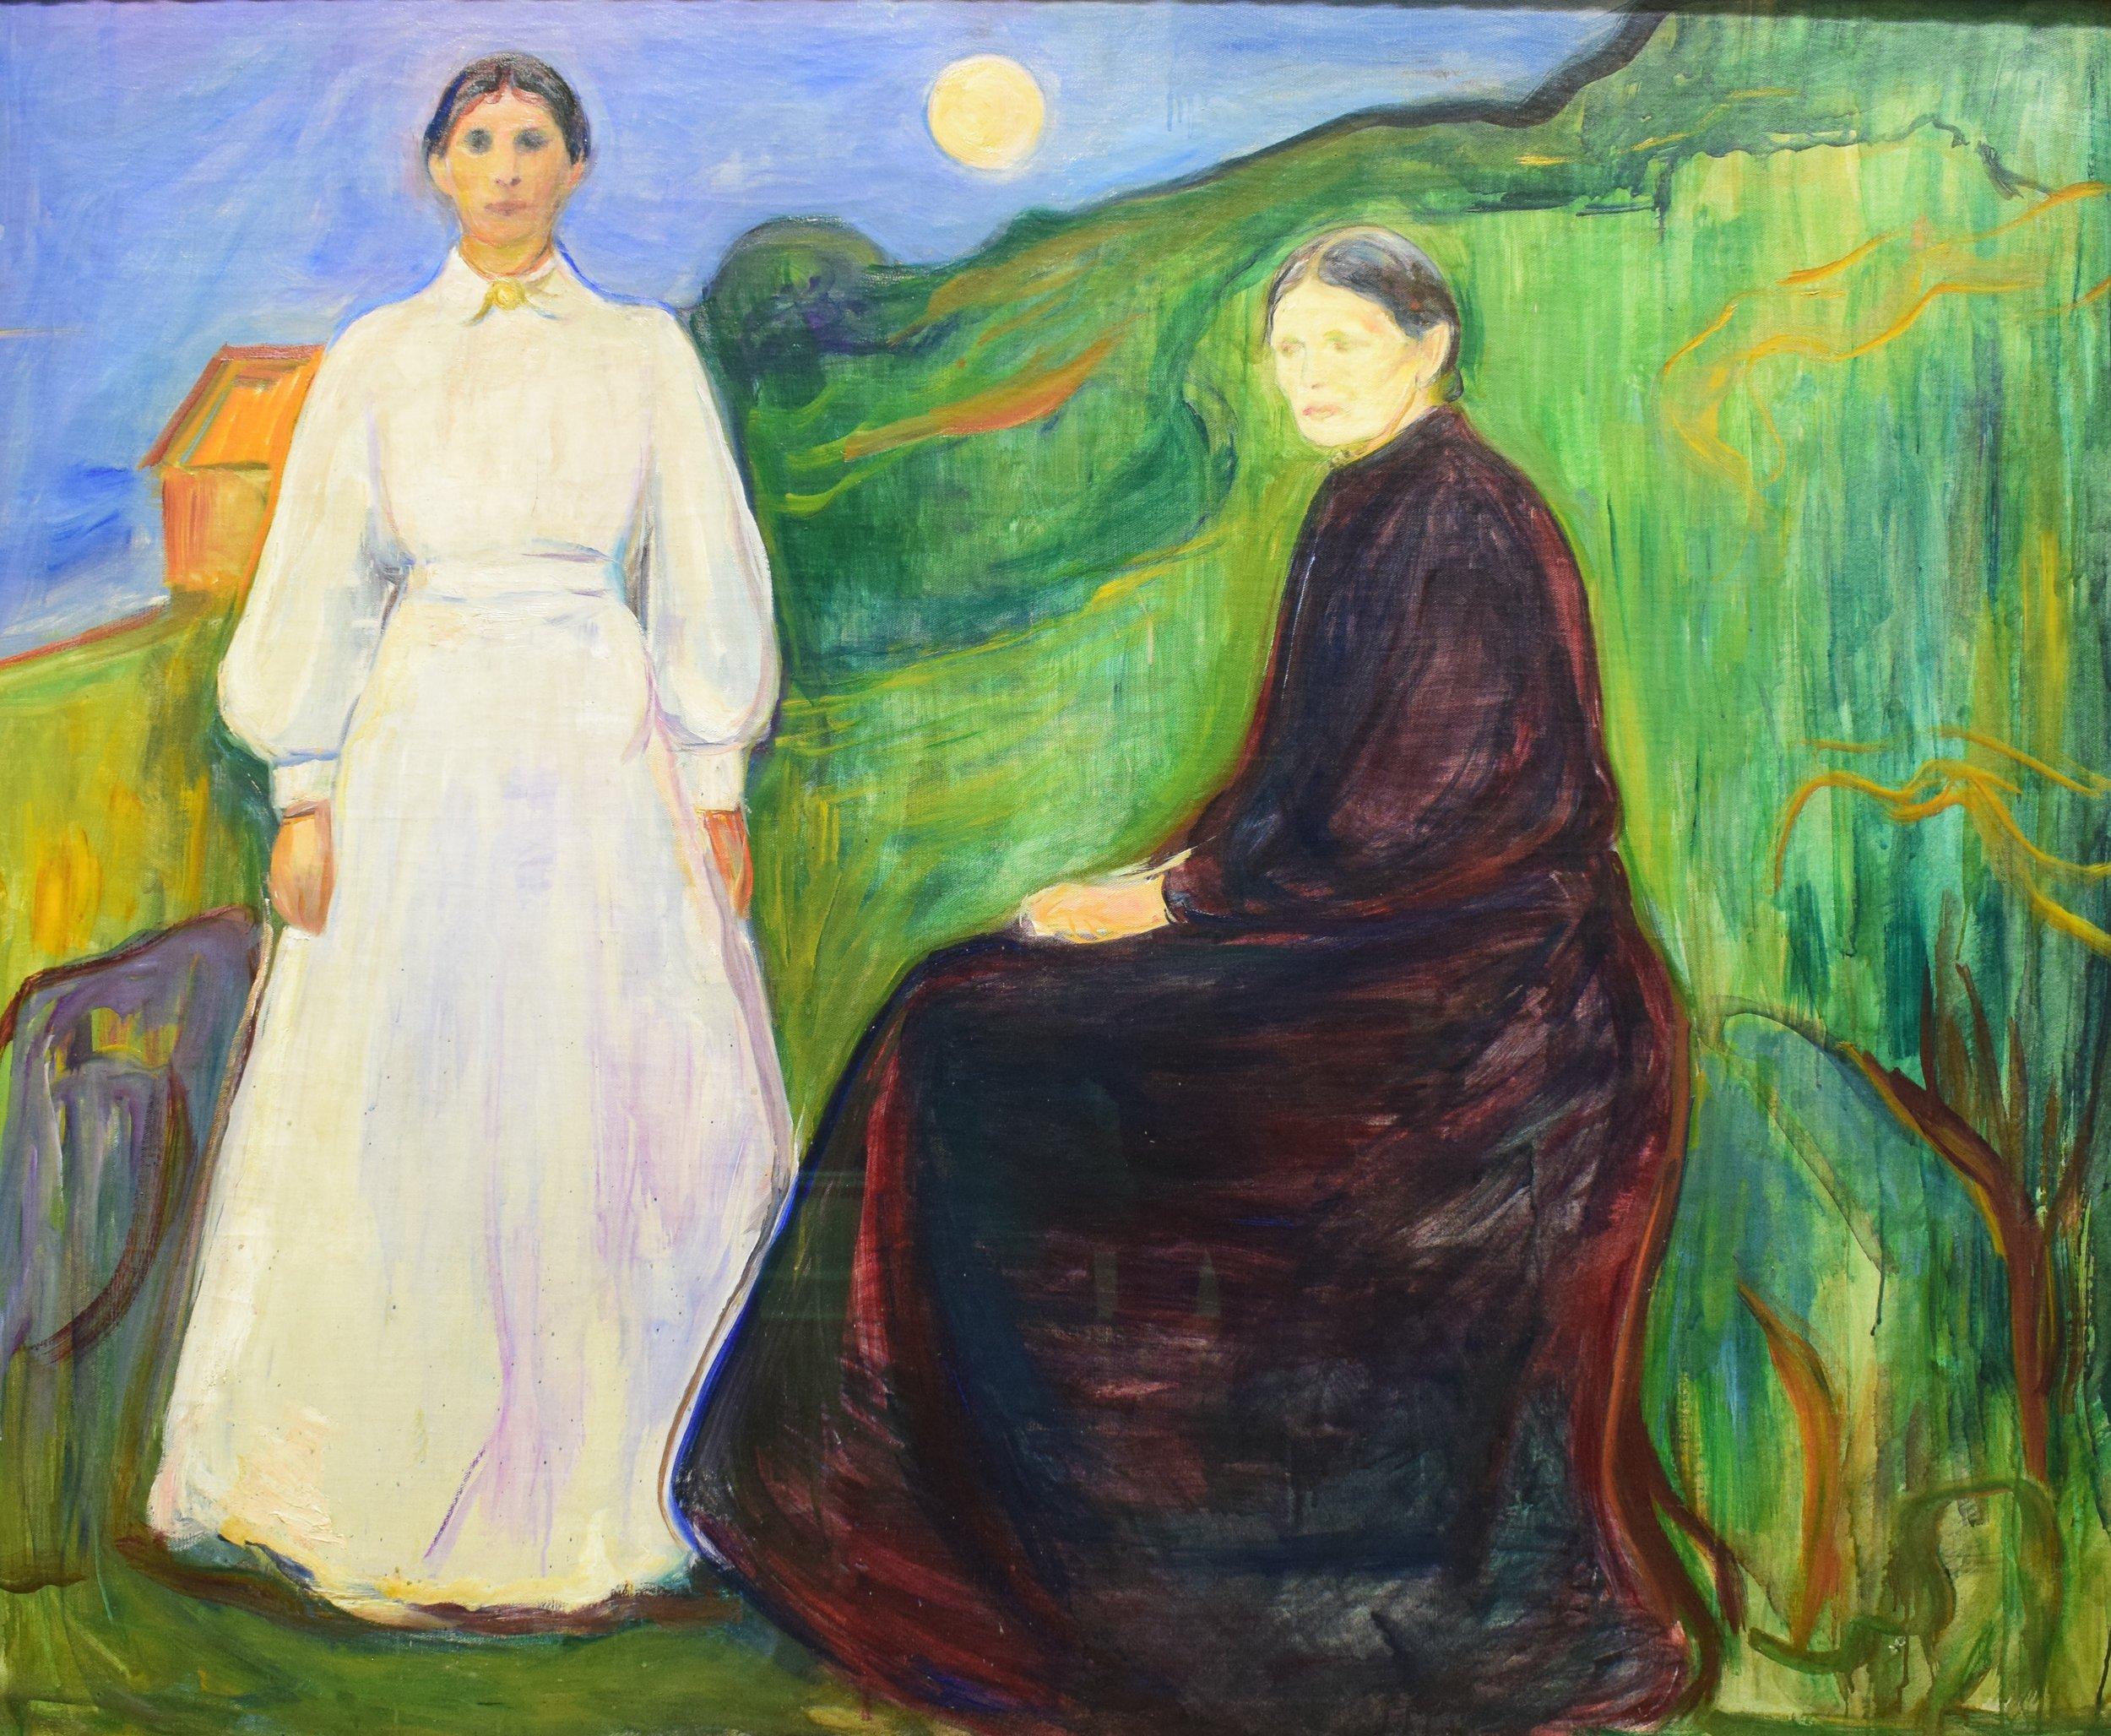 Edvard Munch, Mother and Daughter, 1897 or 1899, Nasjonalmuseet